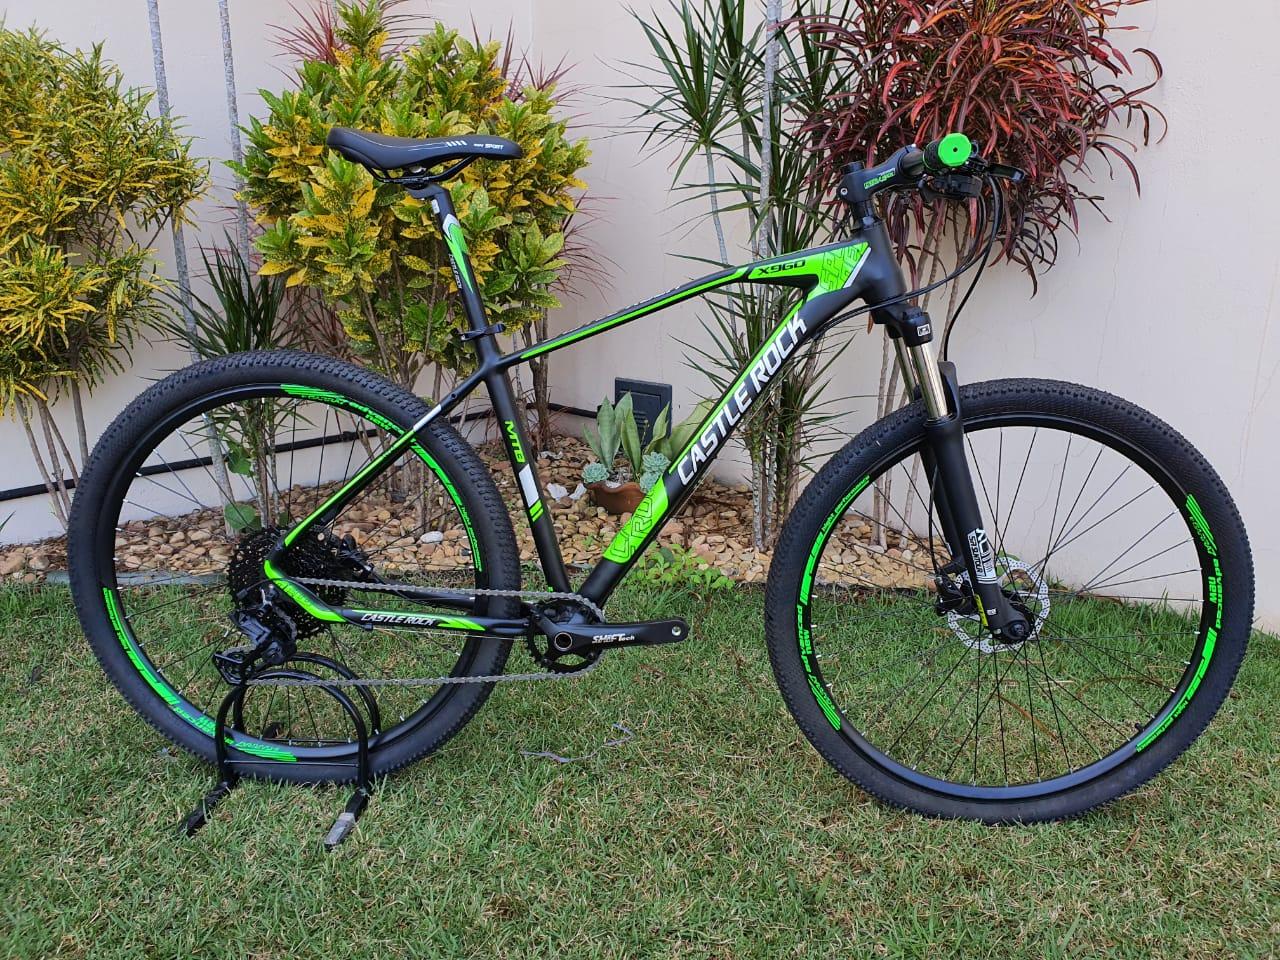 Bicicleta 29 Castle Rock 10 Velocidades Preto e Verde Tamanho 19